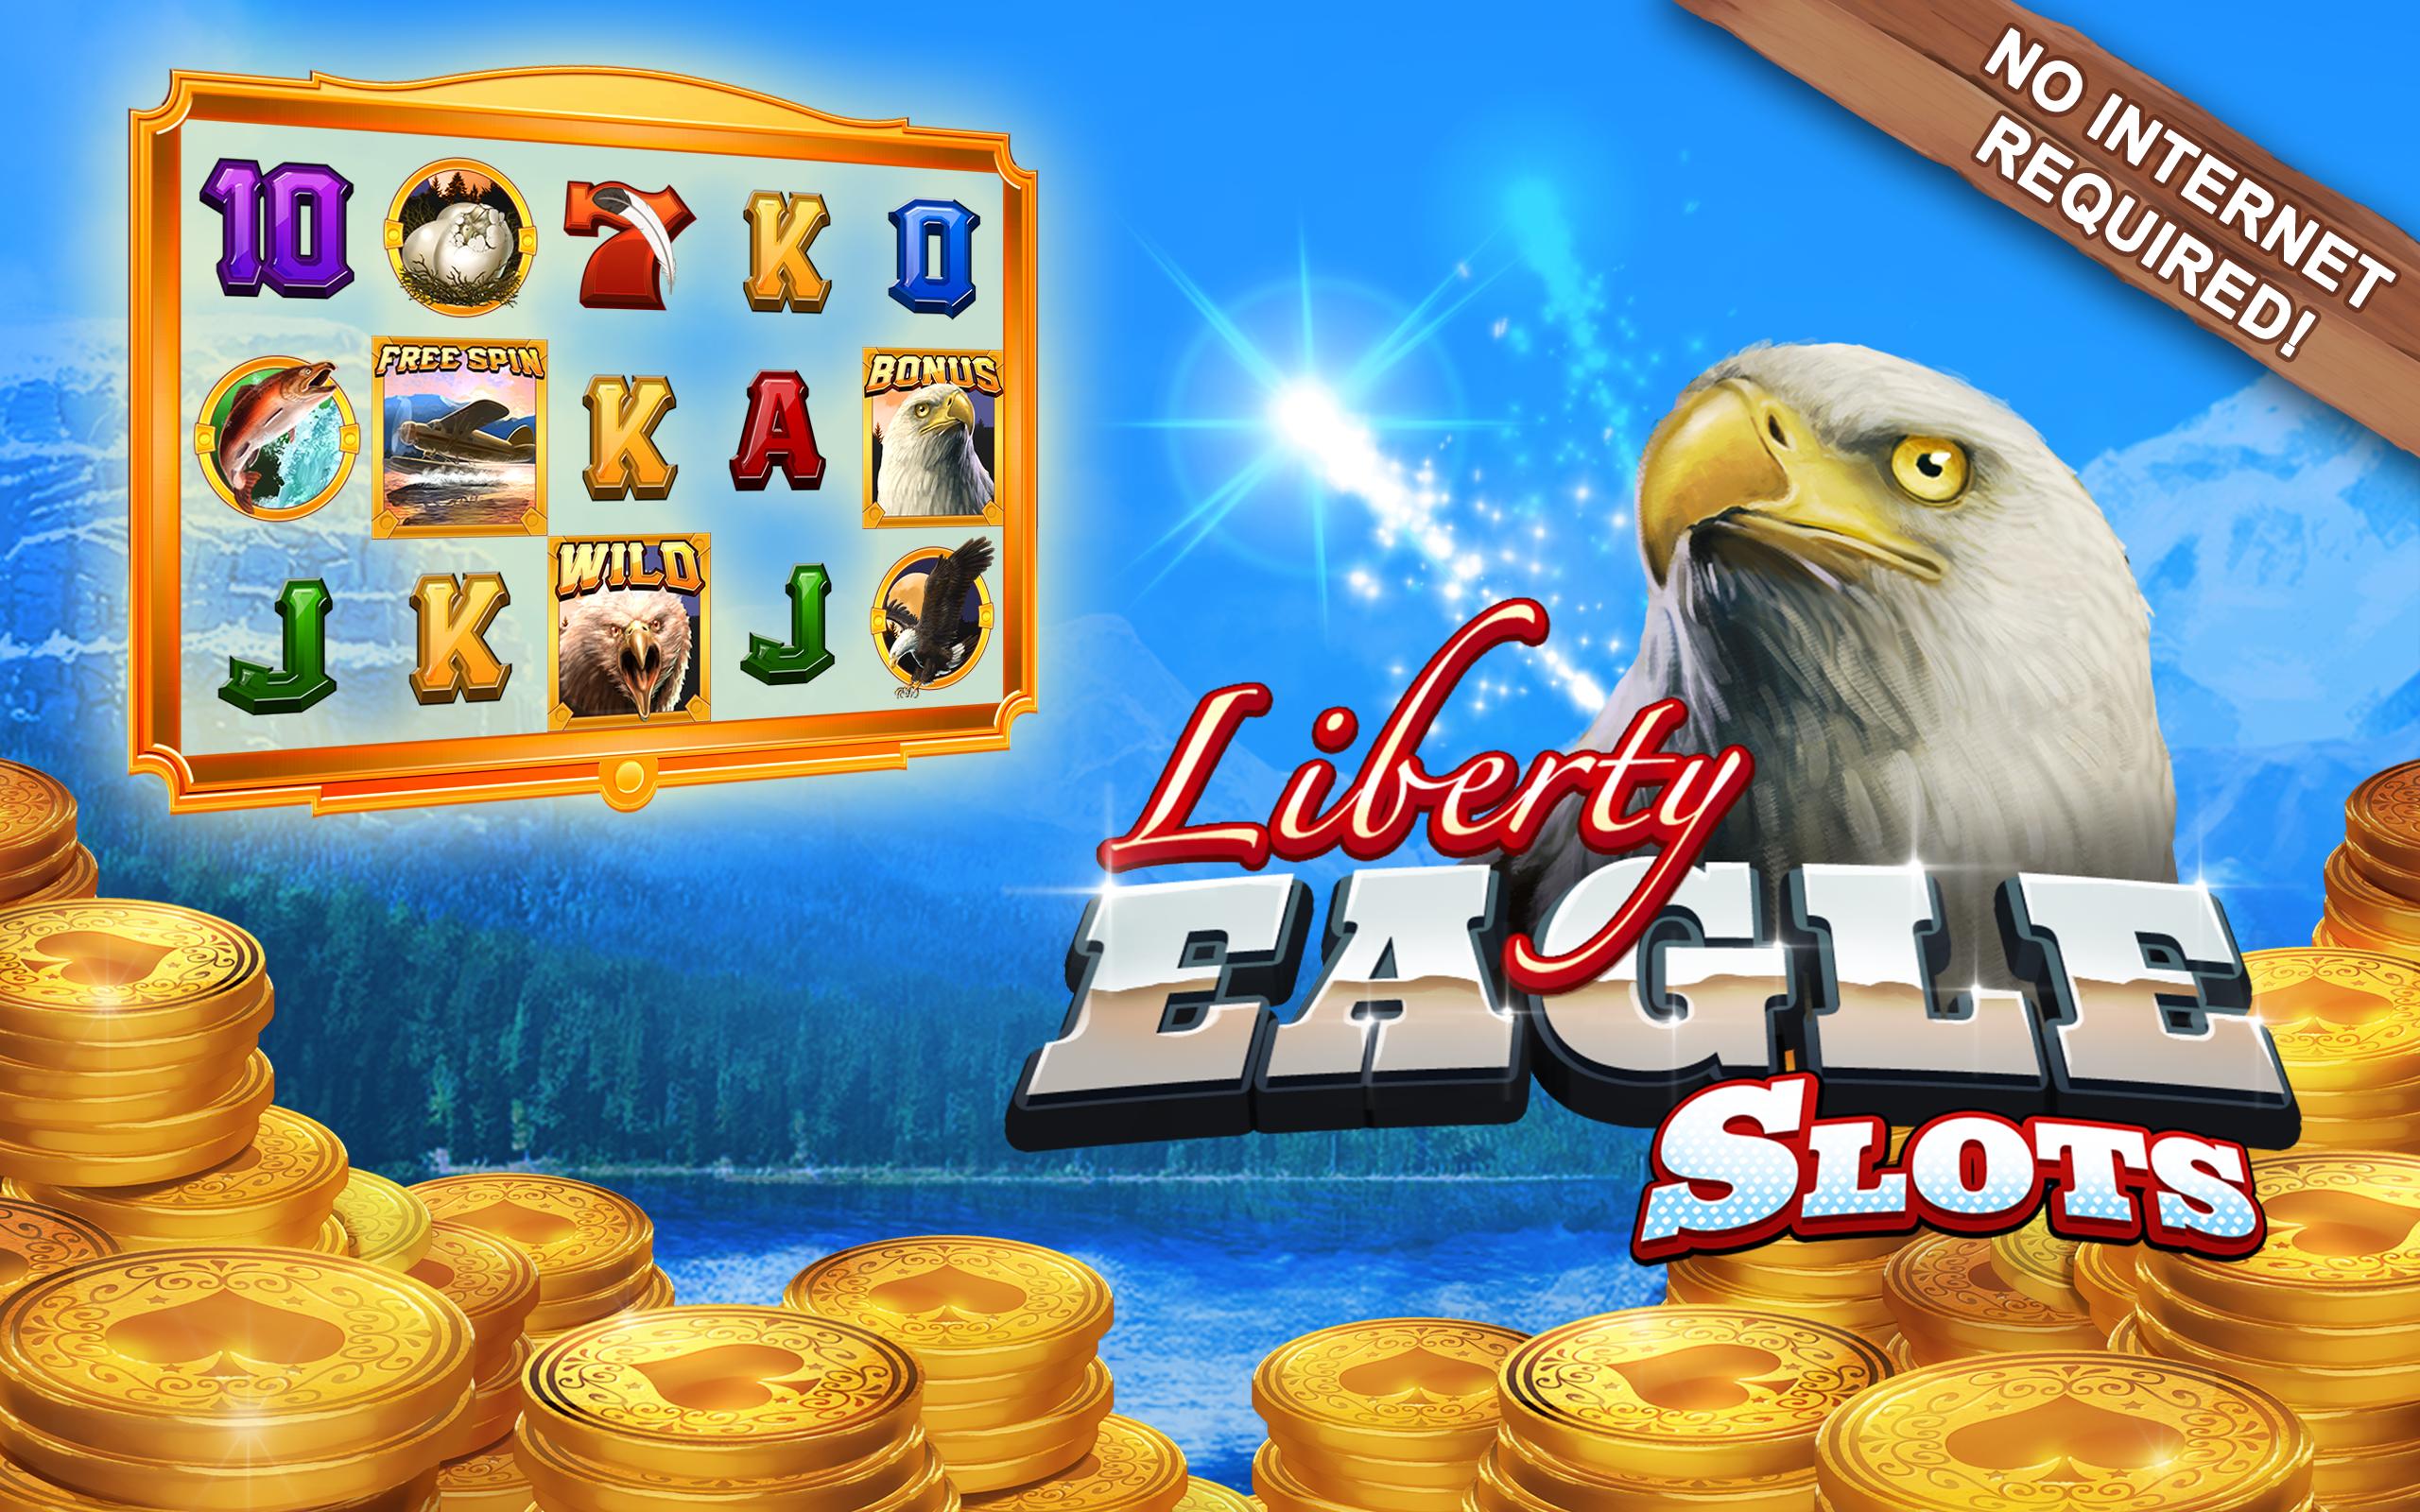 Eagle Slots